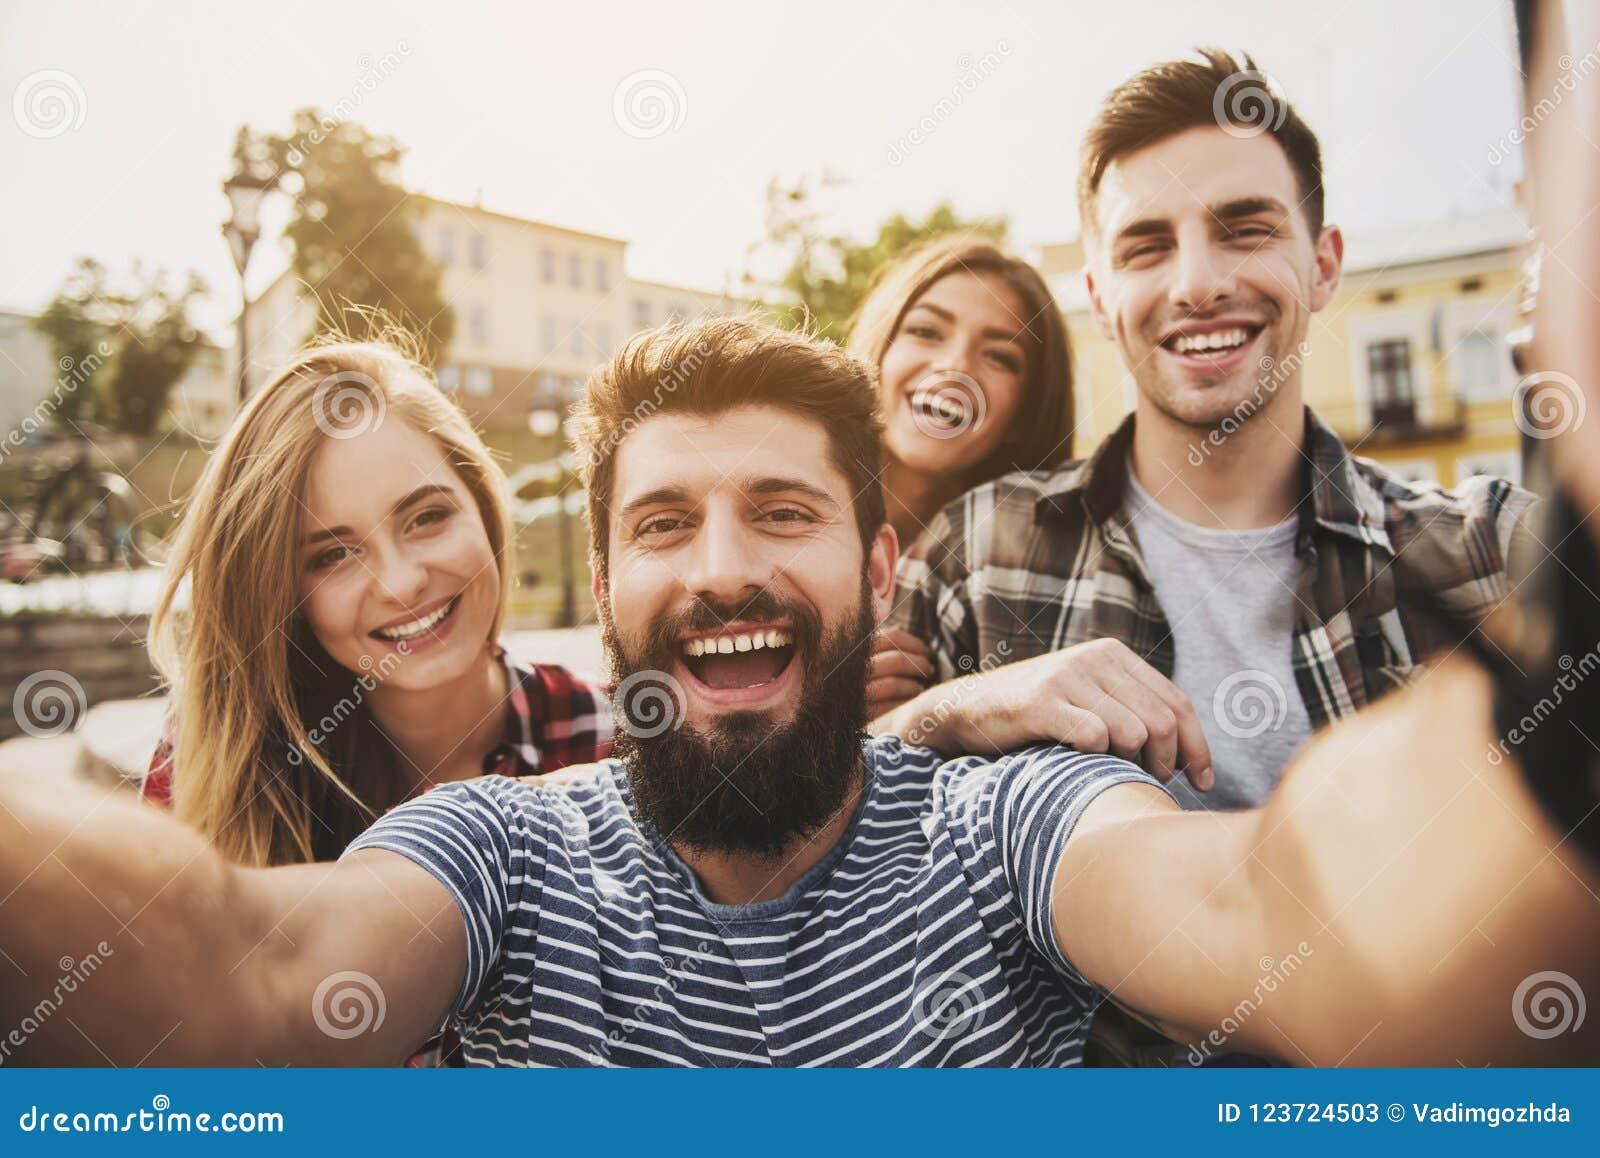 Junge glückliche Menschen haben Spaß draußen im Herbst